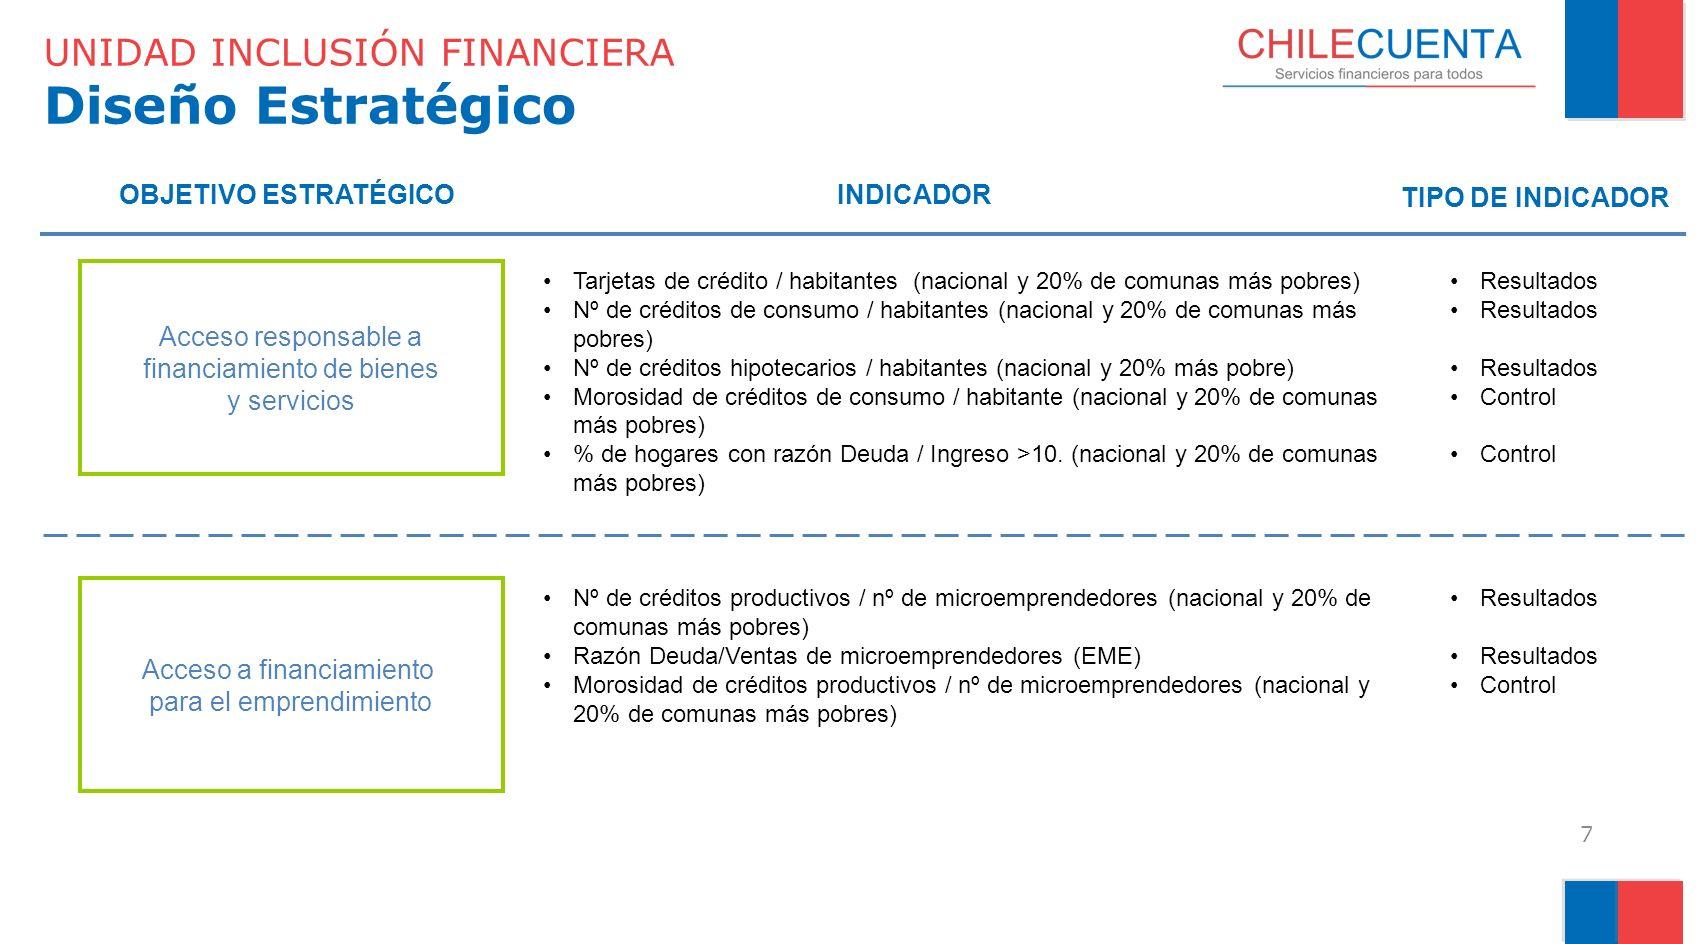 UNIDAD INCLUSIÓN FINANCIERA Diseño Estratégico 7 Acceso responsable a financiamiento de bienes y servicios Tarjetas de crédito / habitantes (nacional